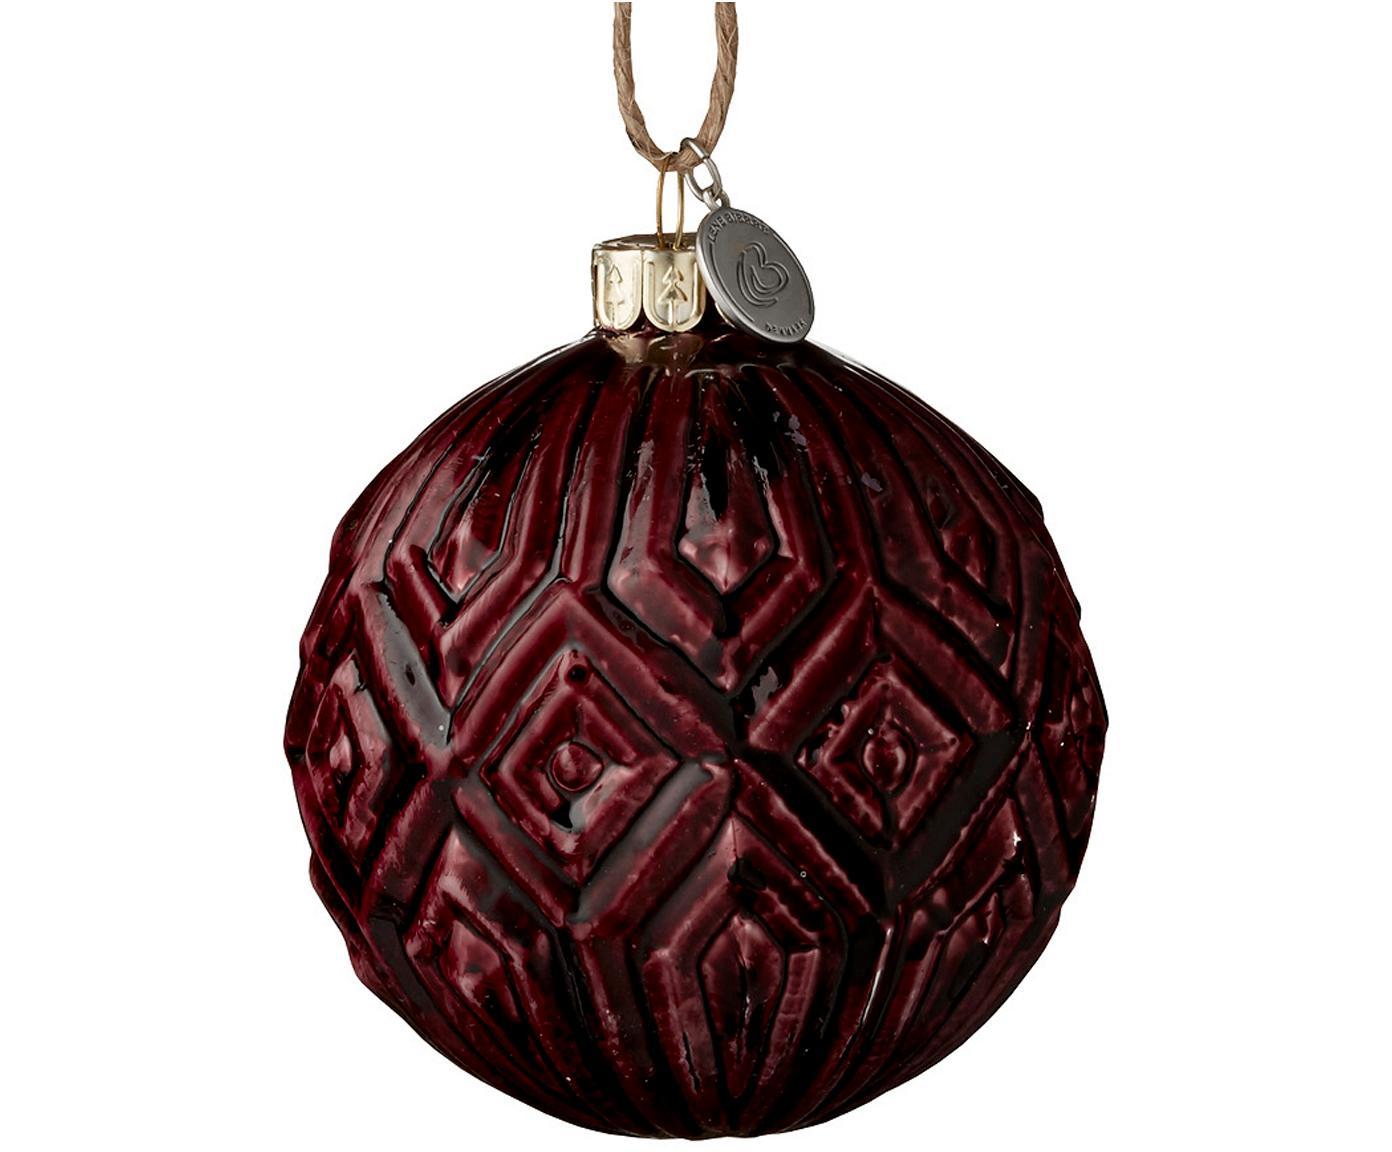 Weihnachtskugeln Cemianne, 2 Stück, Dunkelrot, Ø 8 x H 8 cm